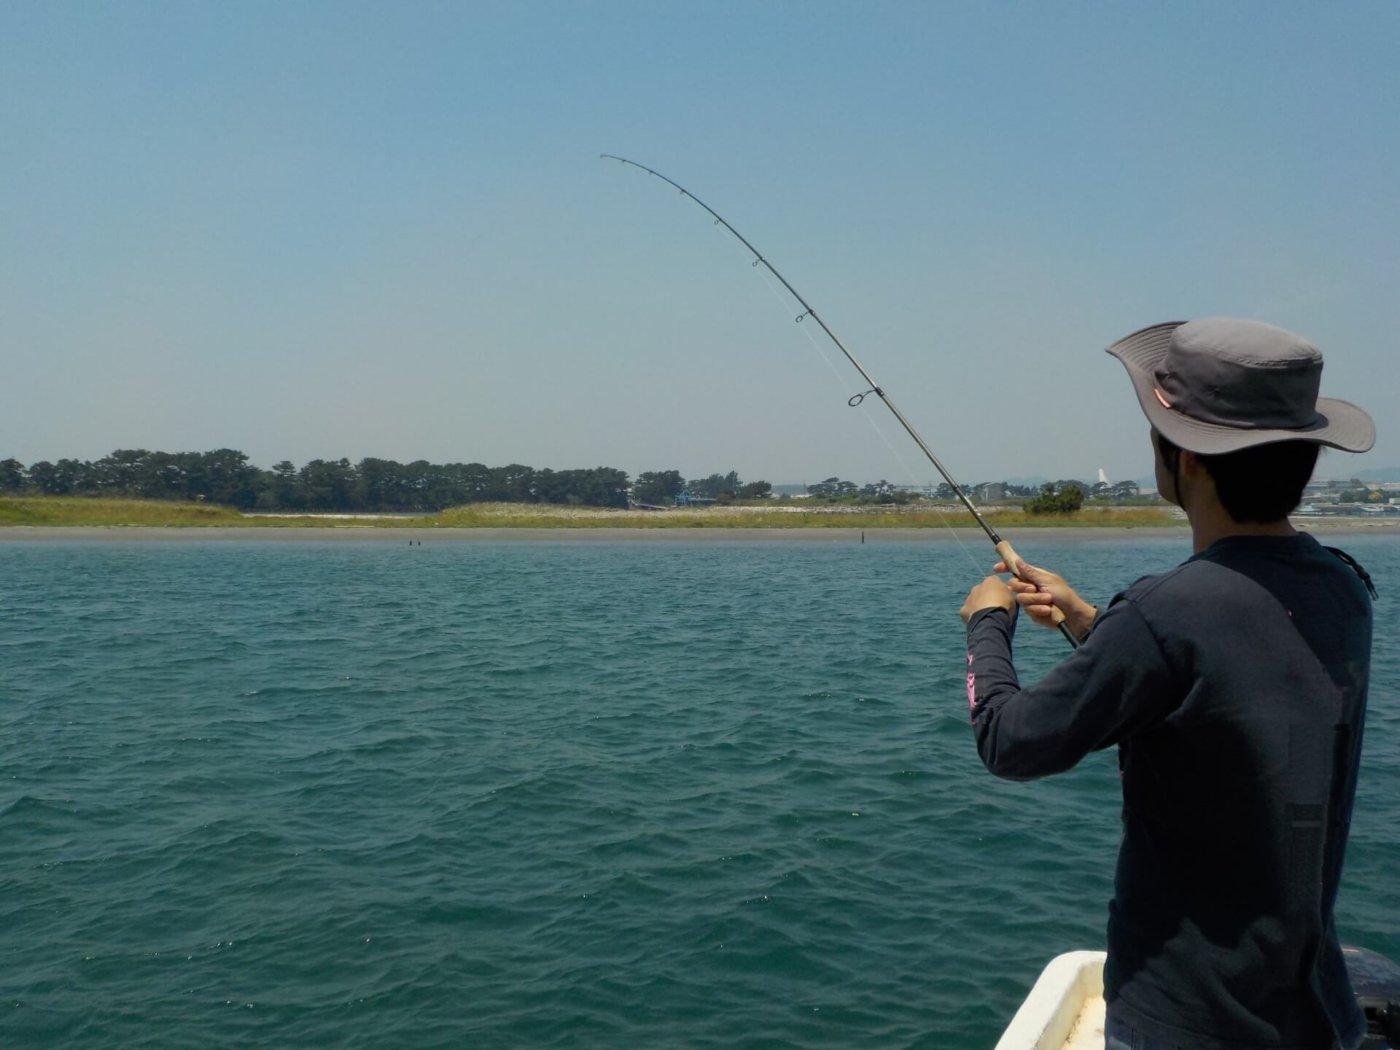 釣りの仕掛けの基礎〜リーダーの意味とつけ方〜